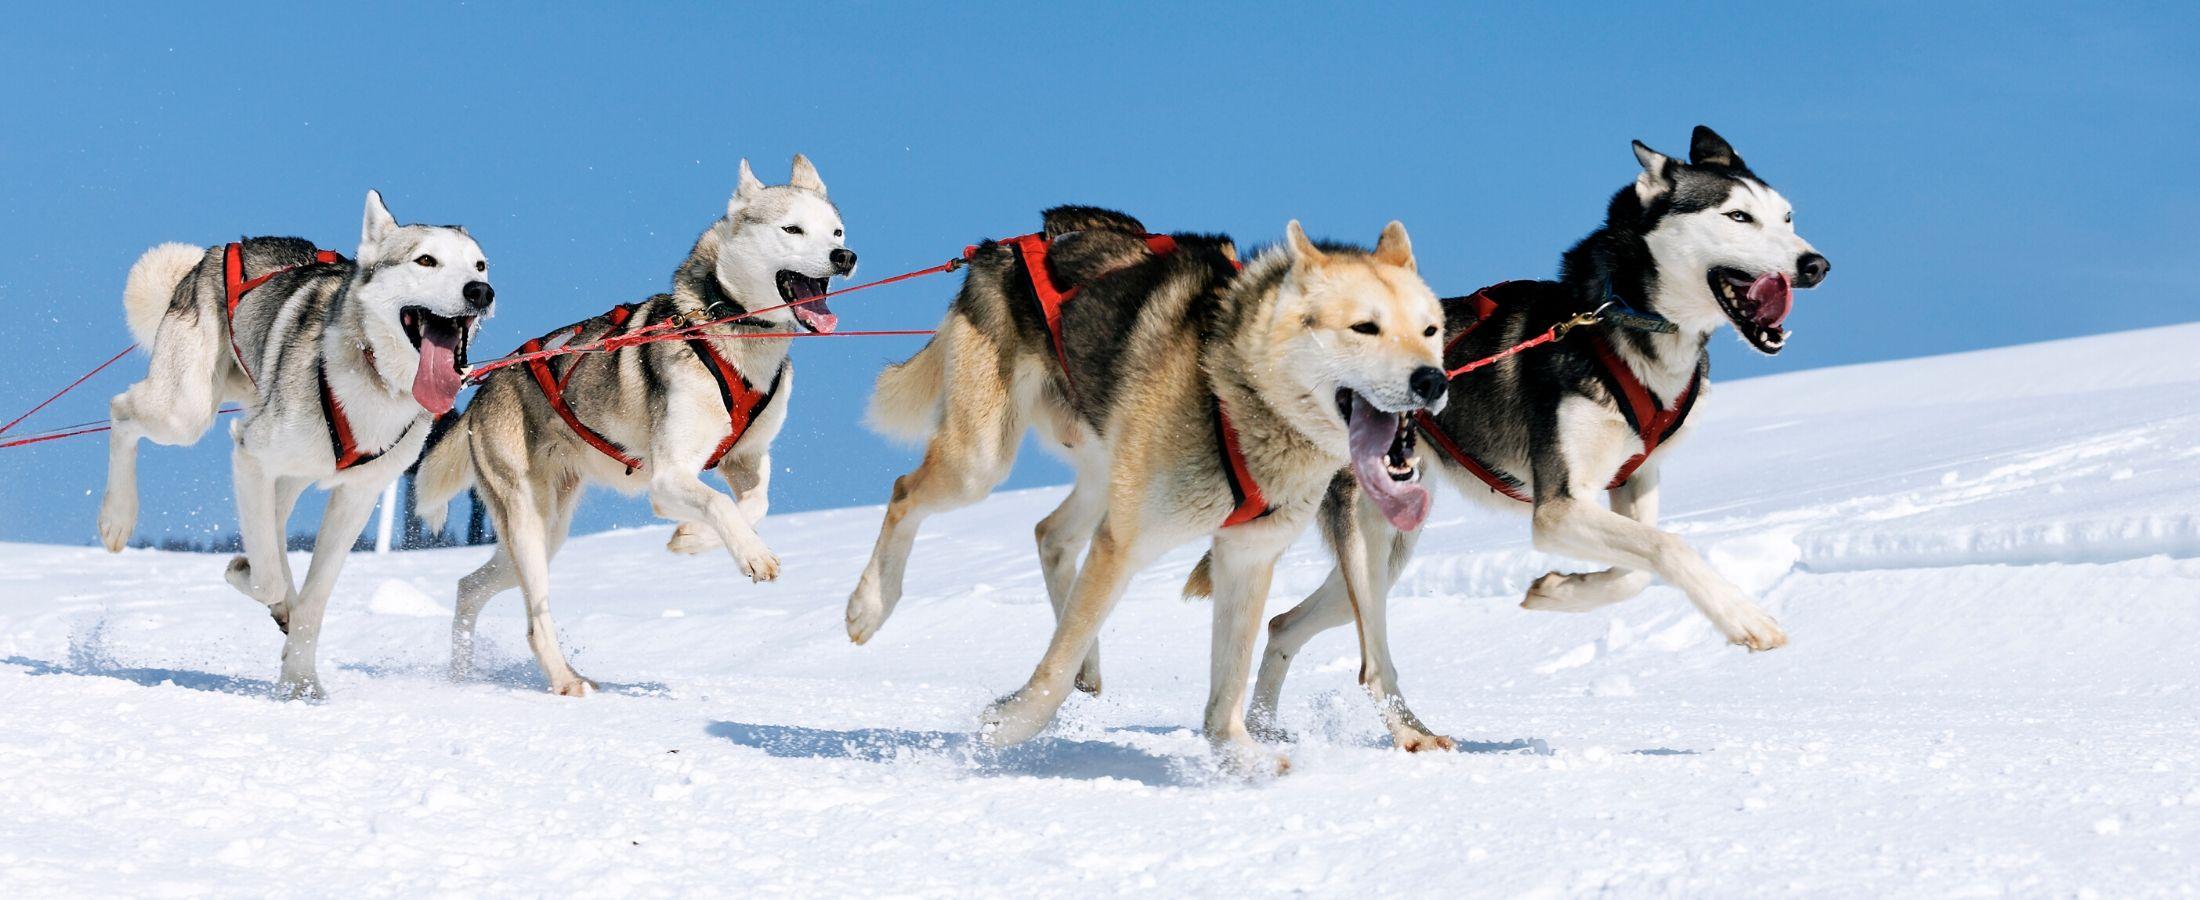 Choisissez le sport qui convient le mieux à votre animal de compagnie.